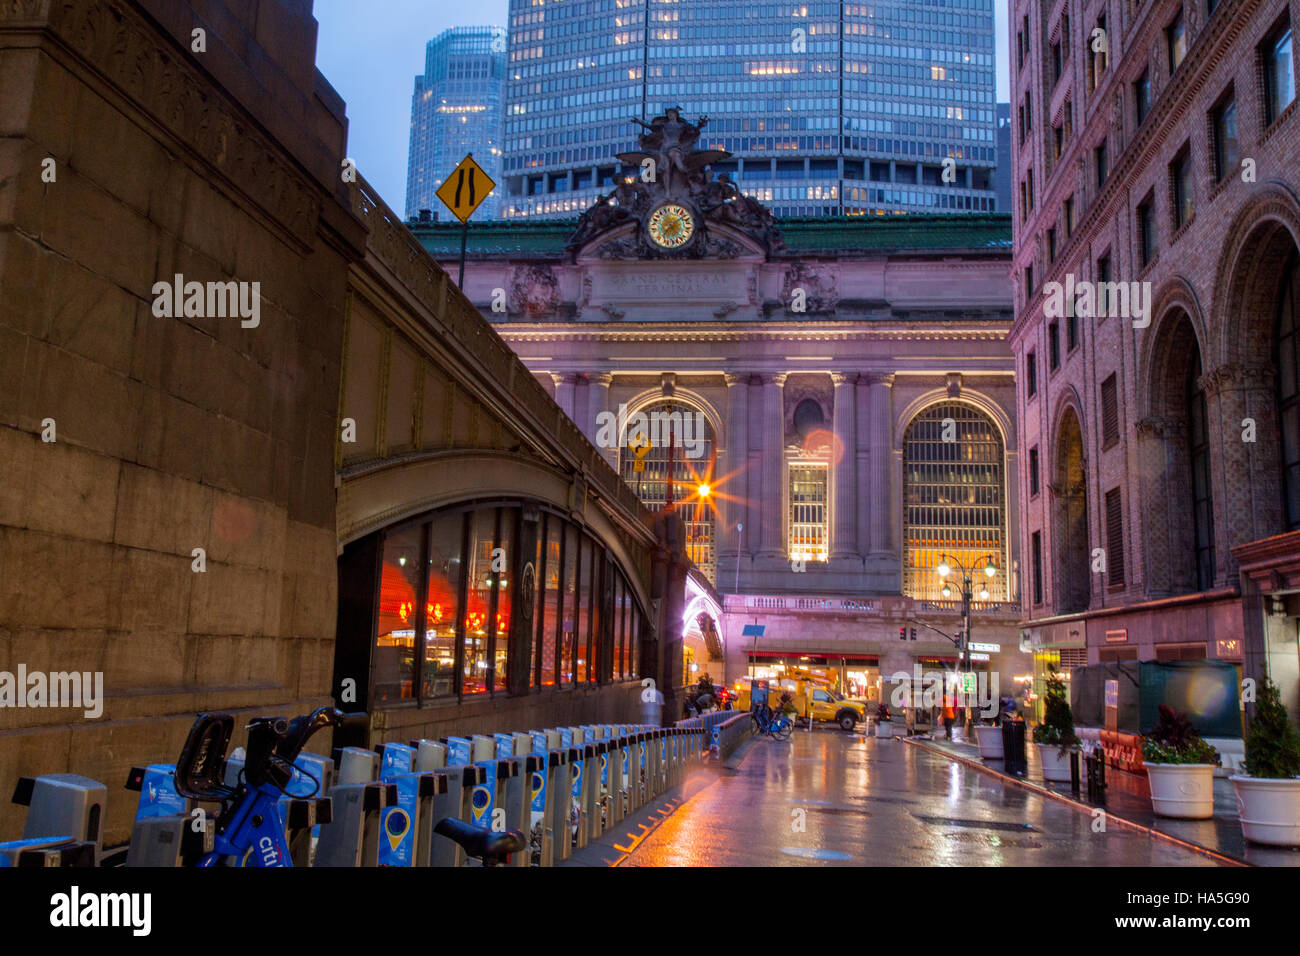 La estación Grand Central exterior 42nd Street, Nueva York, Estados Unidos de América. Imagen De Stock